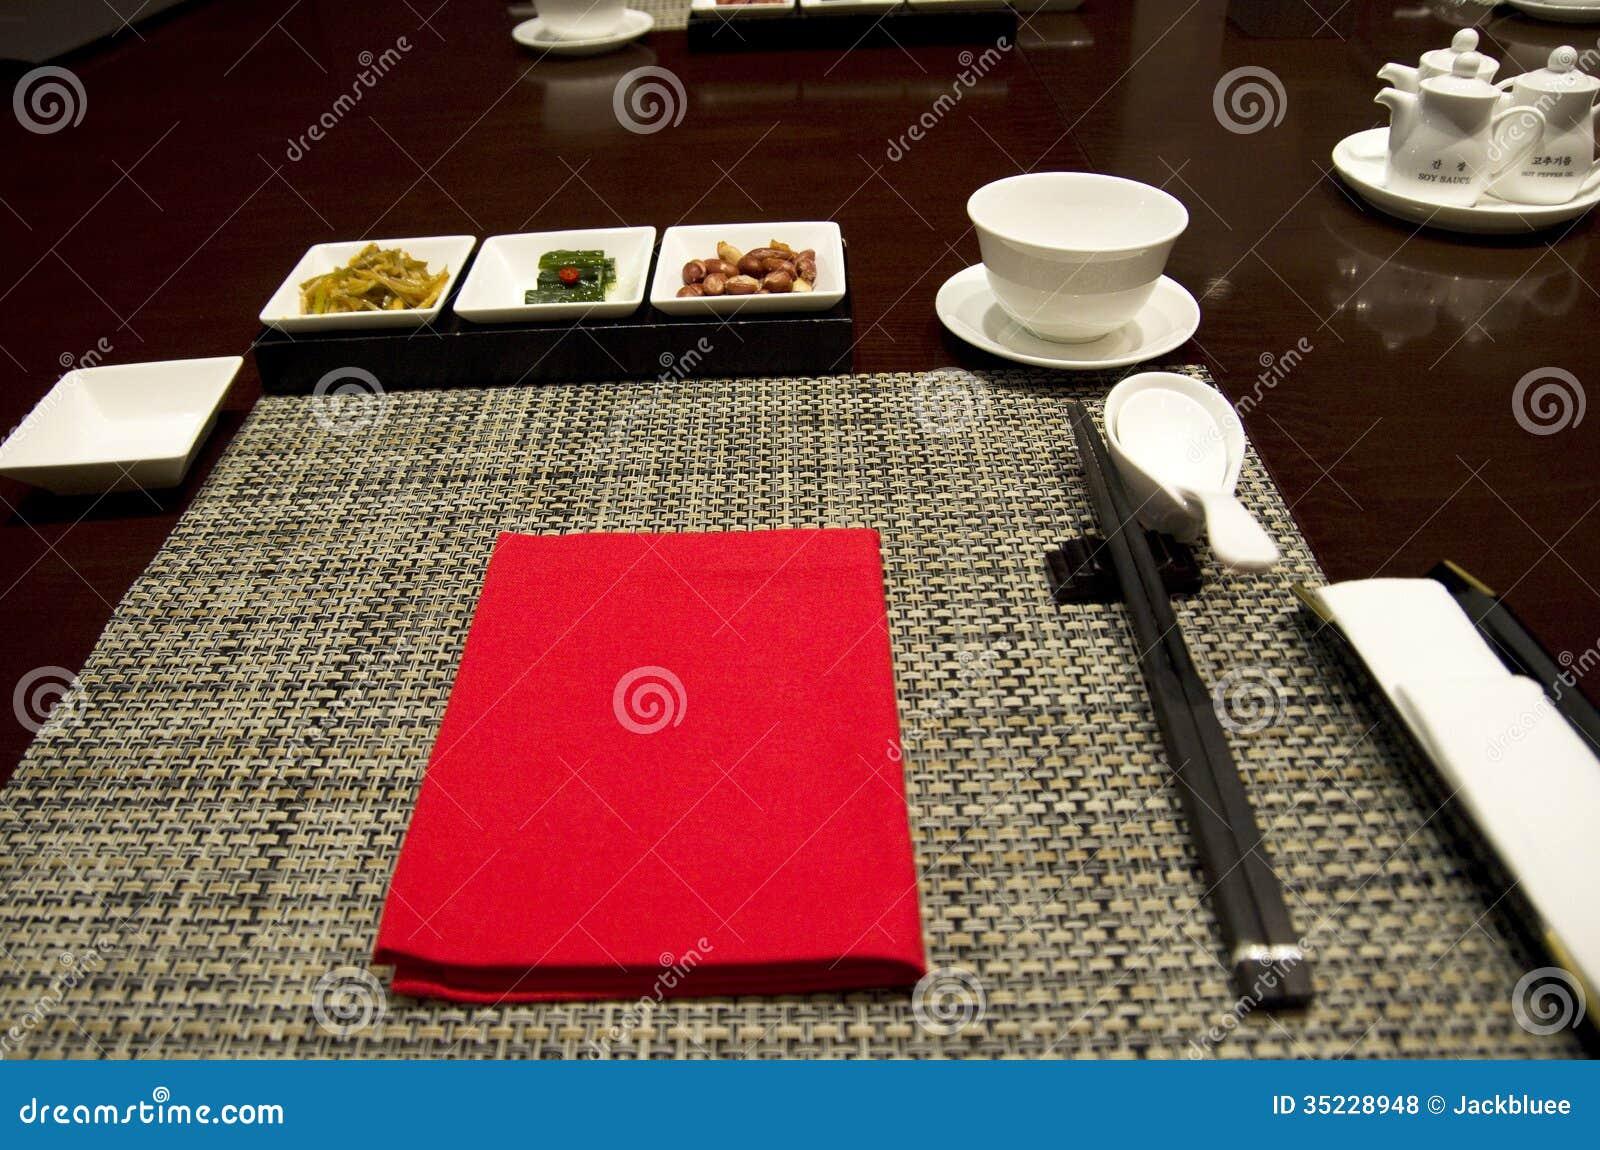 Asian Restaurant Table Setting